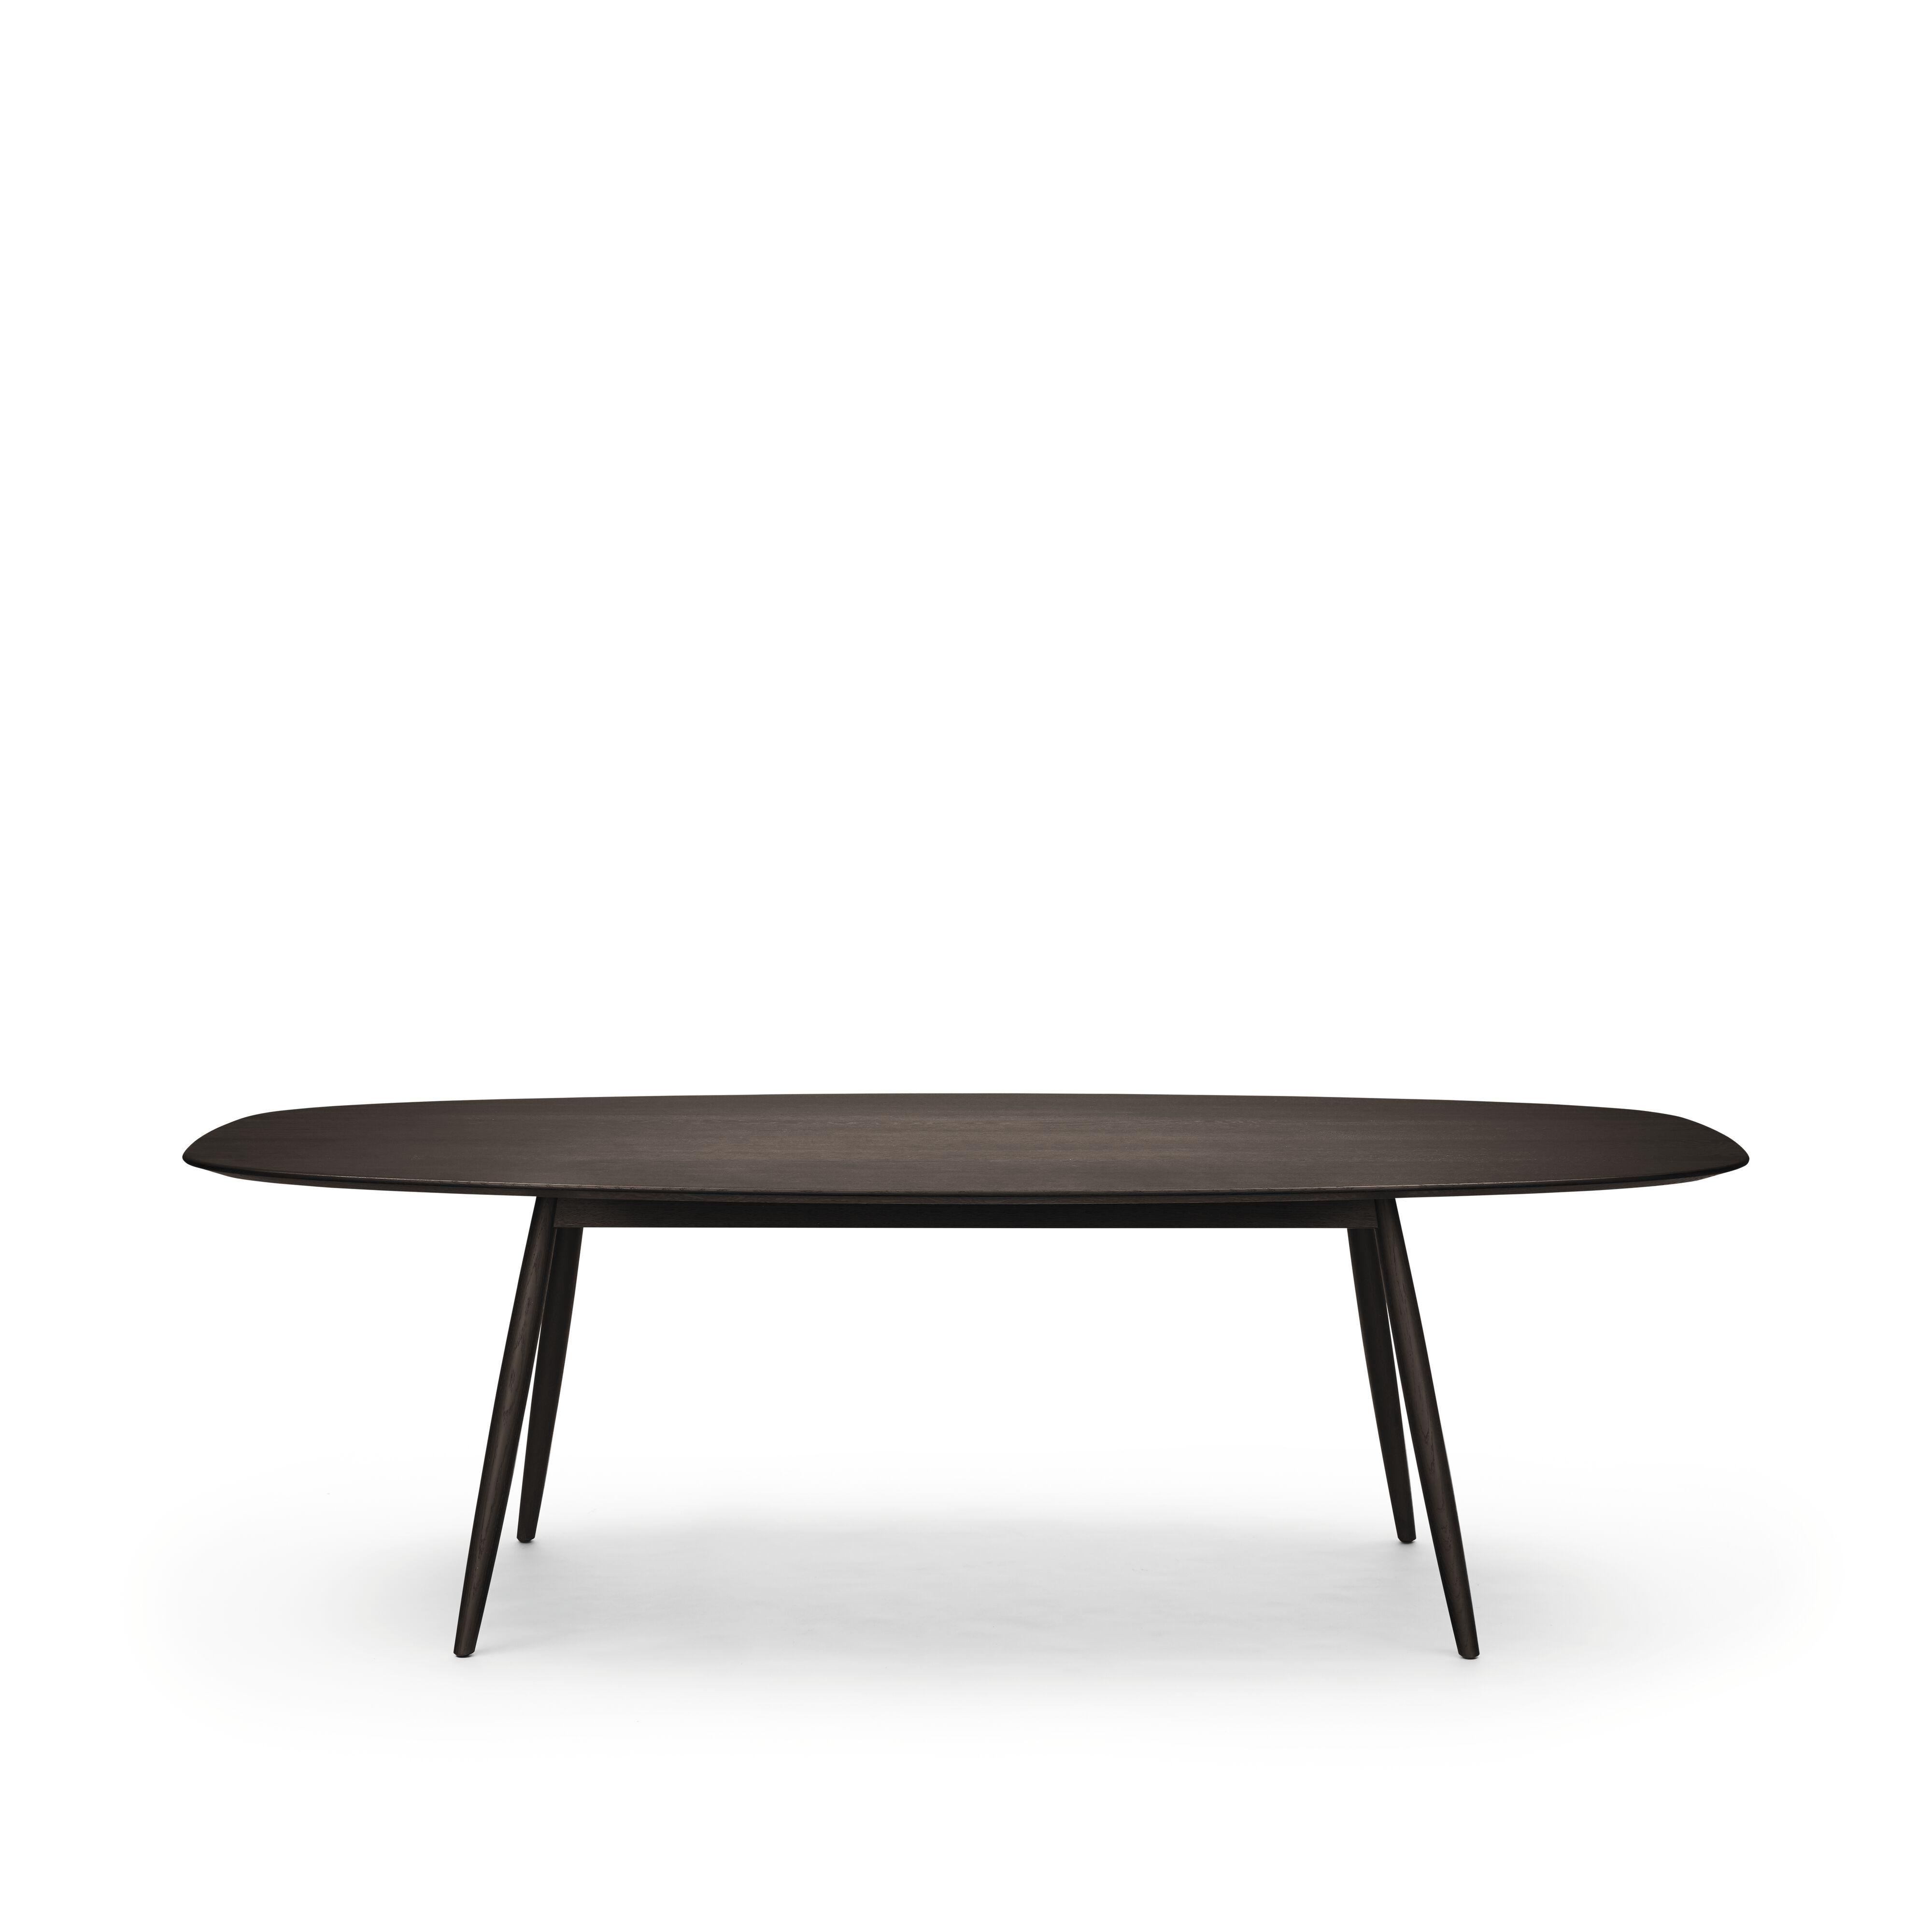 04-WK-Moualla_Table-0007-H.tif